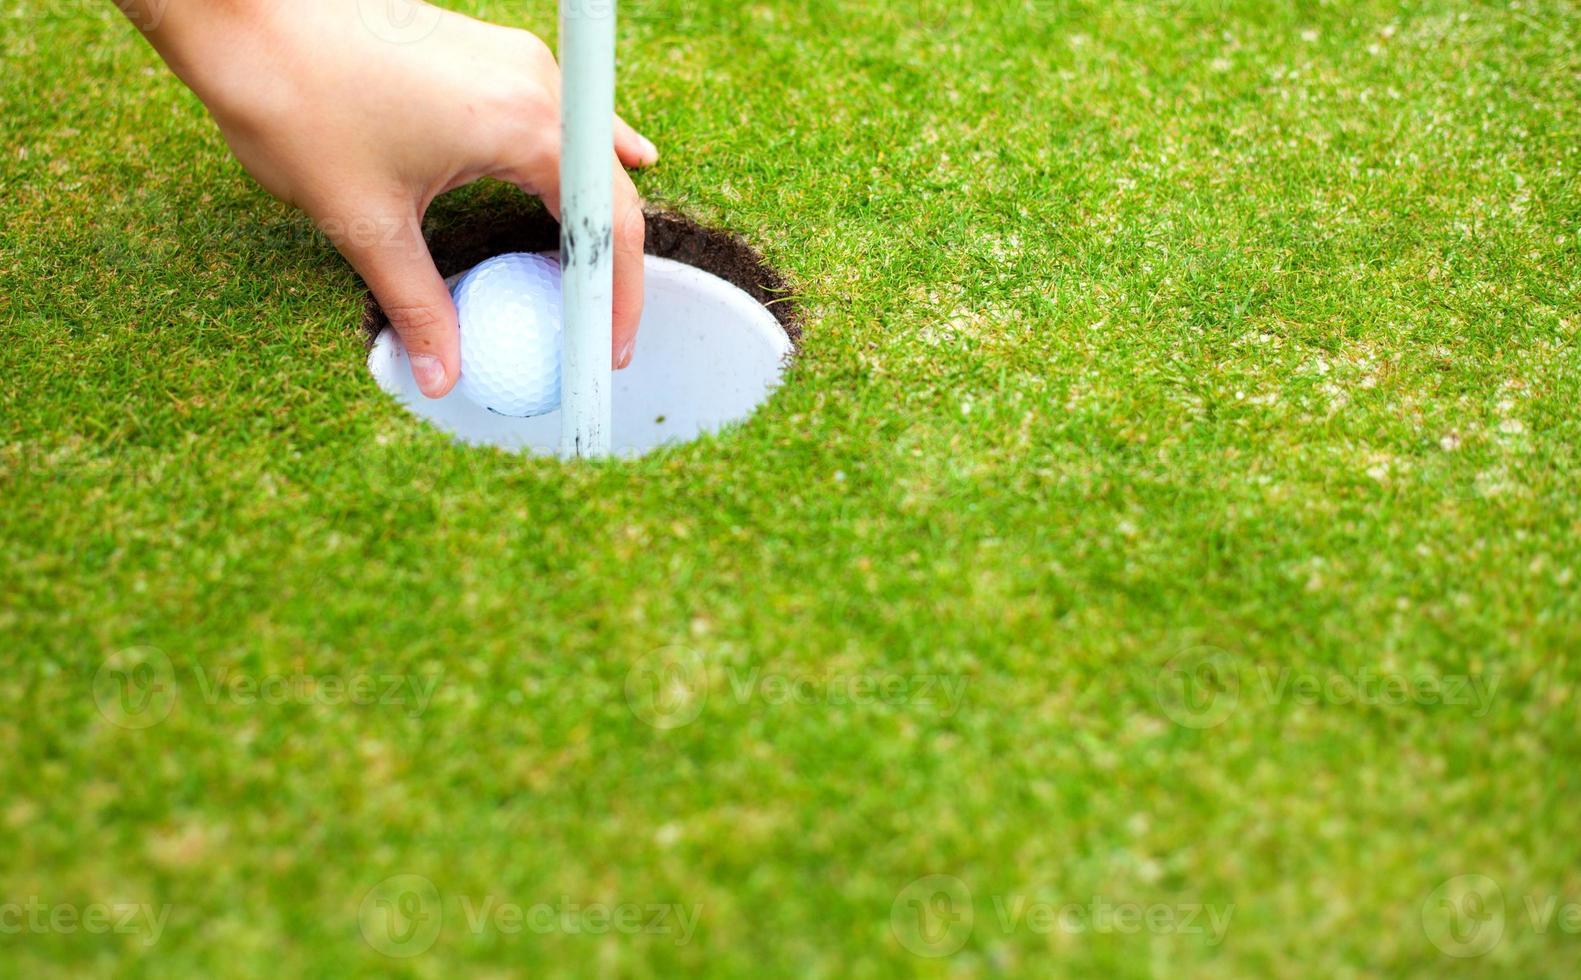 jugador mano quitando la pelota de golf de la copa después del tiro foto